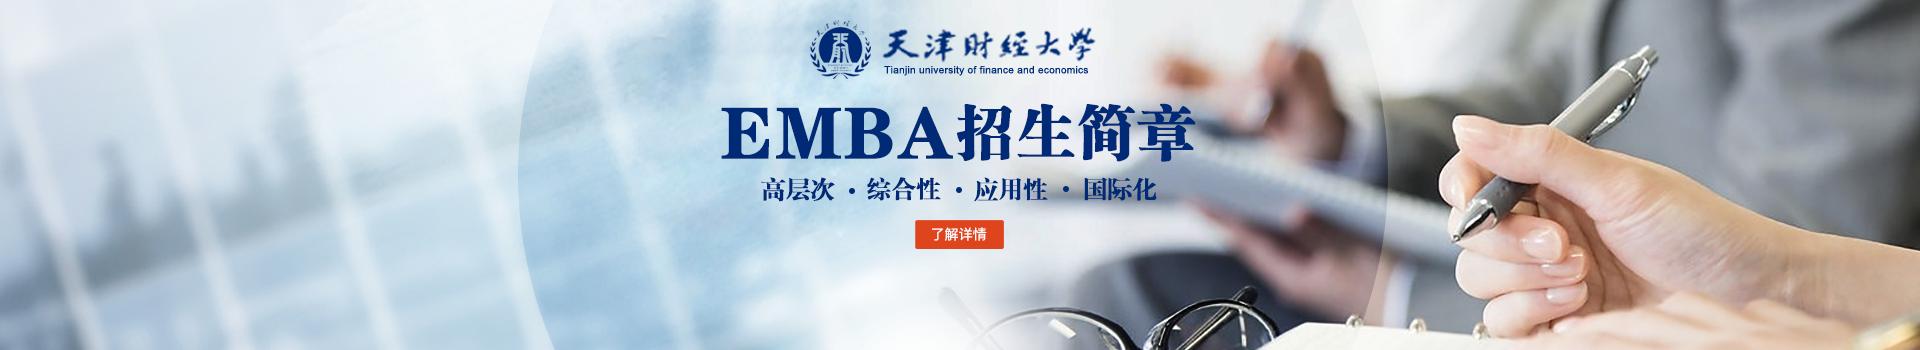 天津财经大学MBA教育中心高级工商管理硕士EMBA招生简章